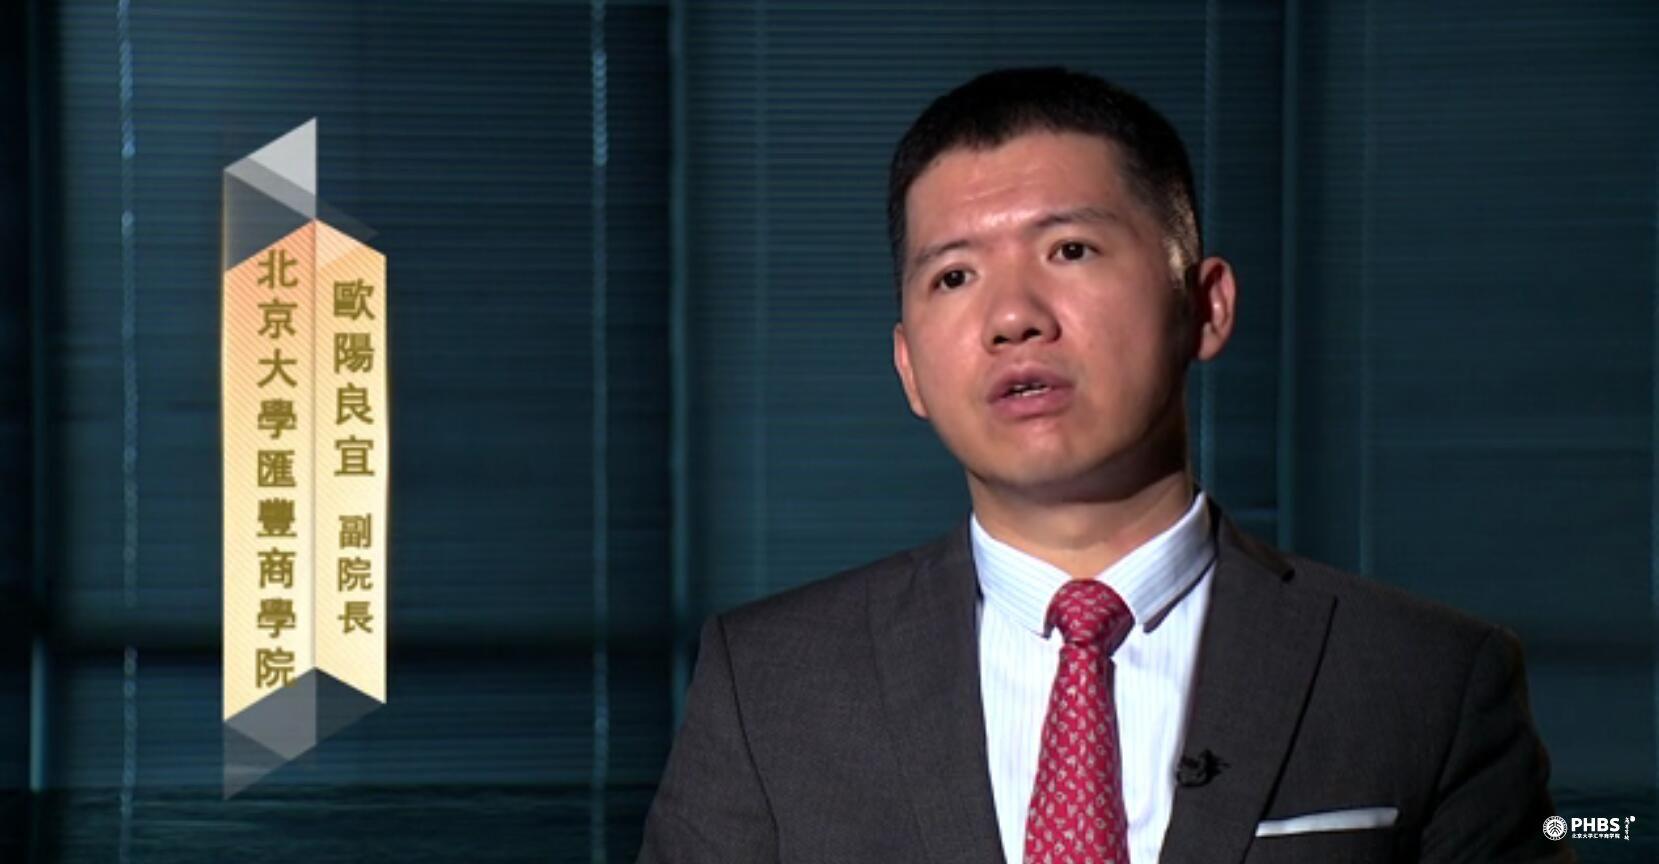 【凤凰卫视】欧阳良宜谈金融科技三年发展规划出炉